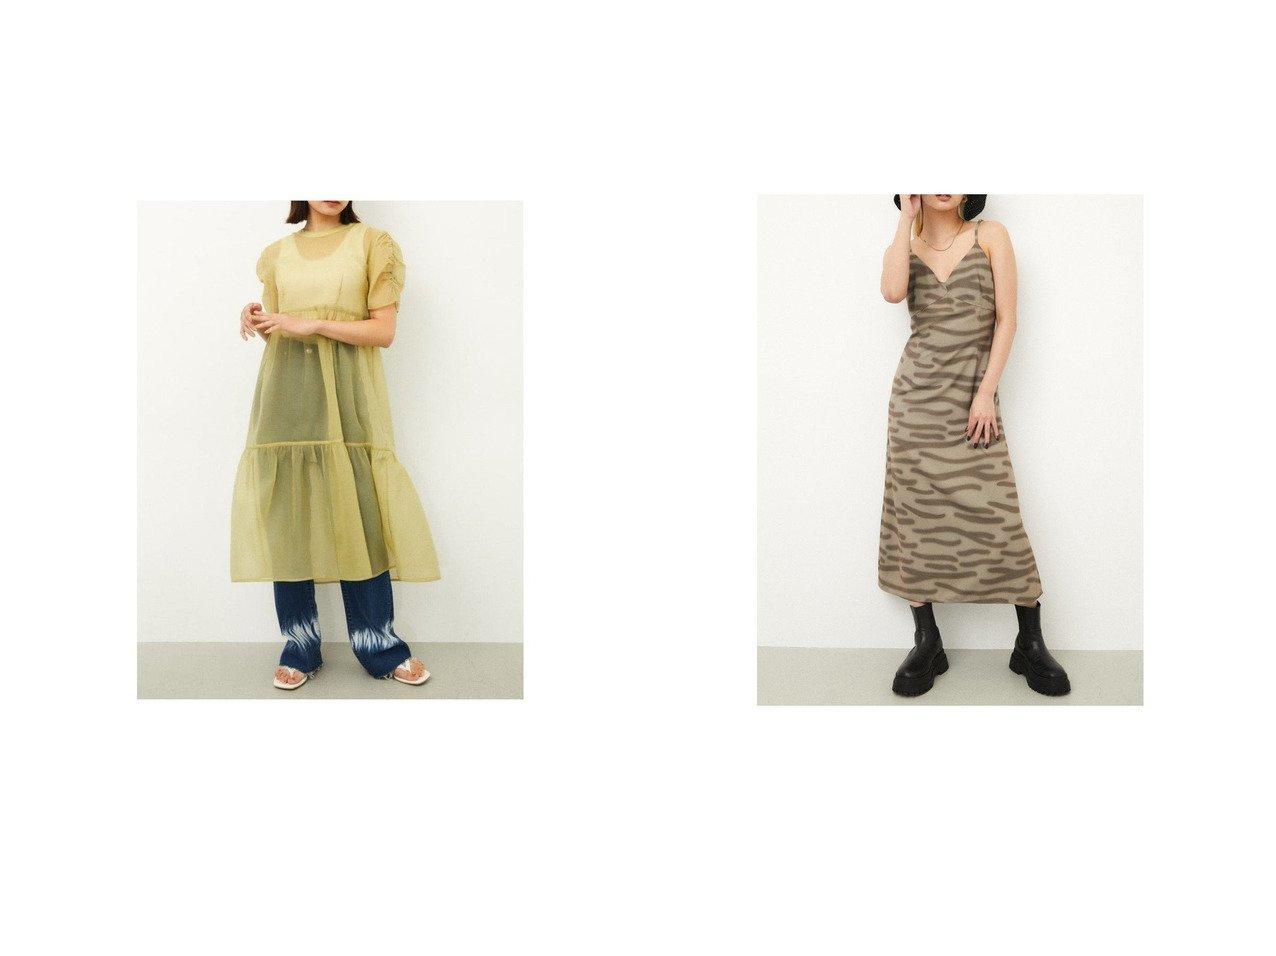 【LAGUA GEM/ラグア ジェム】のSEE THROUGH LONG TOPS&TOYGER CAMI OP おすすめ!人気、トレンド・レディースファッションの通販  おすすめで人気の流行・トレンド、ファッションの通販商品 インテリア・家具・メンズファッション・キッズファッション・レディースファッション・服の通販 founy(ファニー) https://founy.com/ ファッション Fashion レディースファッション WOMEN トップス・カットソー Tops/Tshirt ワンピース Dress 2021年 2021 2021-2022秋冬・A/W AW・Autumn/Winter・FW・Fall-Winter・2021-2022 A/W・秋冬 AW・Autumn/Winter・FW・Fall-Winter おすすめ Recommend インナー キャミソール タンク デニム ボトム キャミワンピース 長袖  ID:crp329100000062182